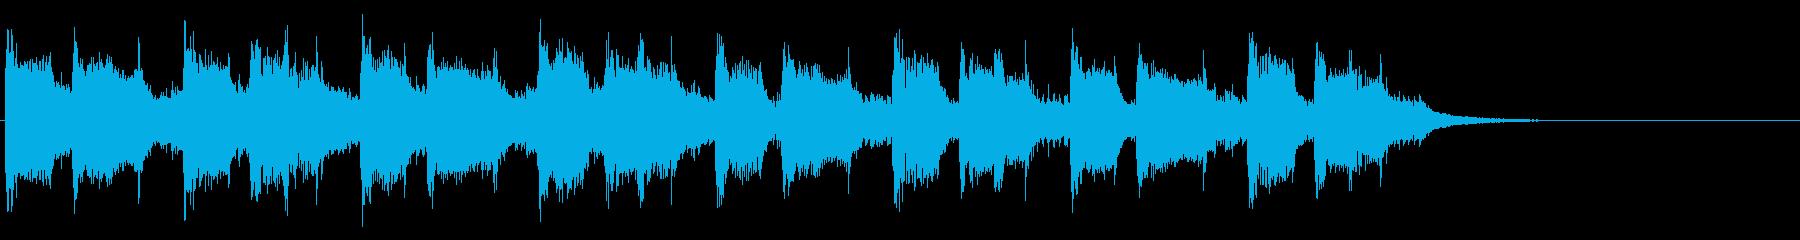 30秒CM用BGMの再生済みの波形